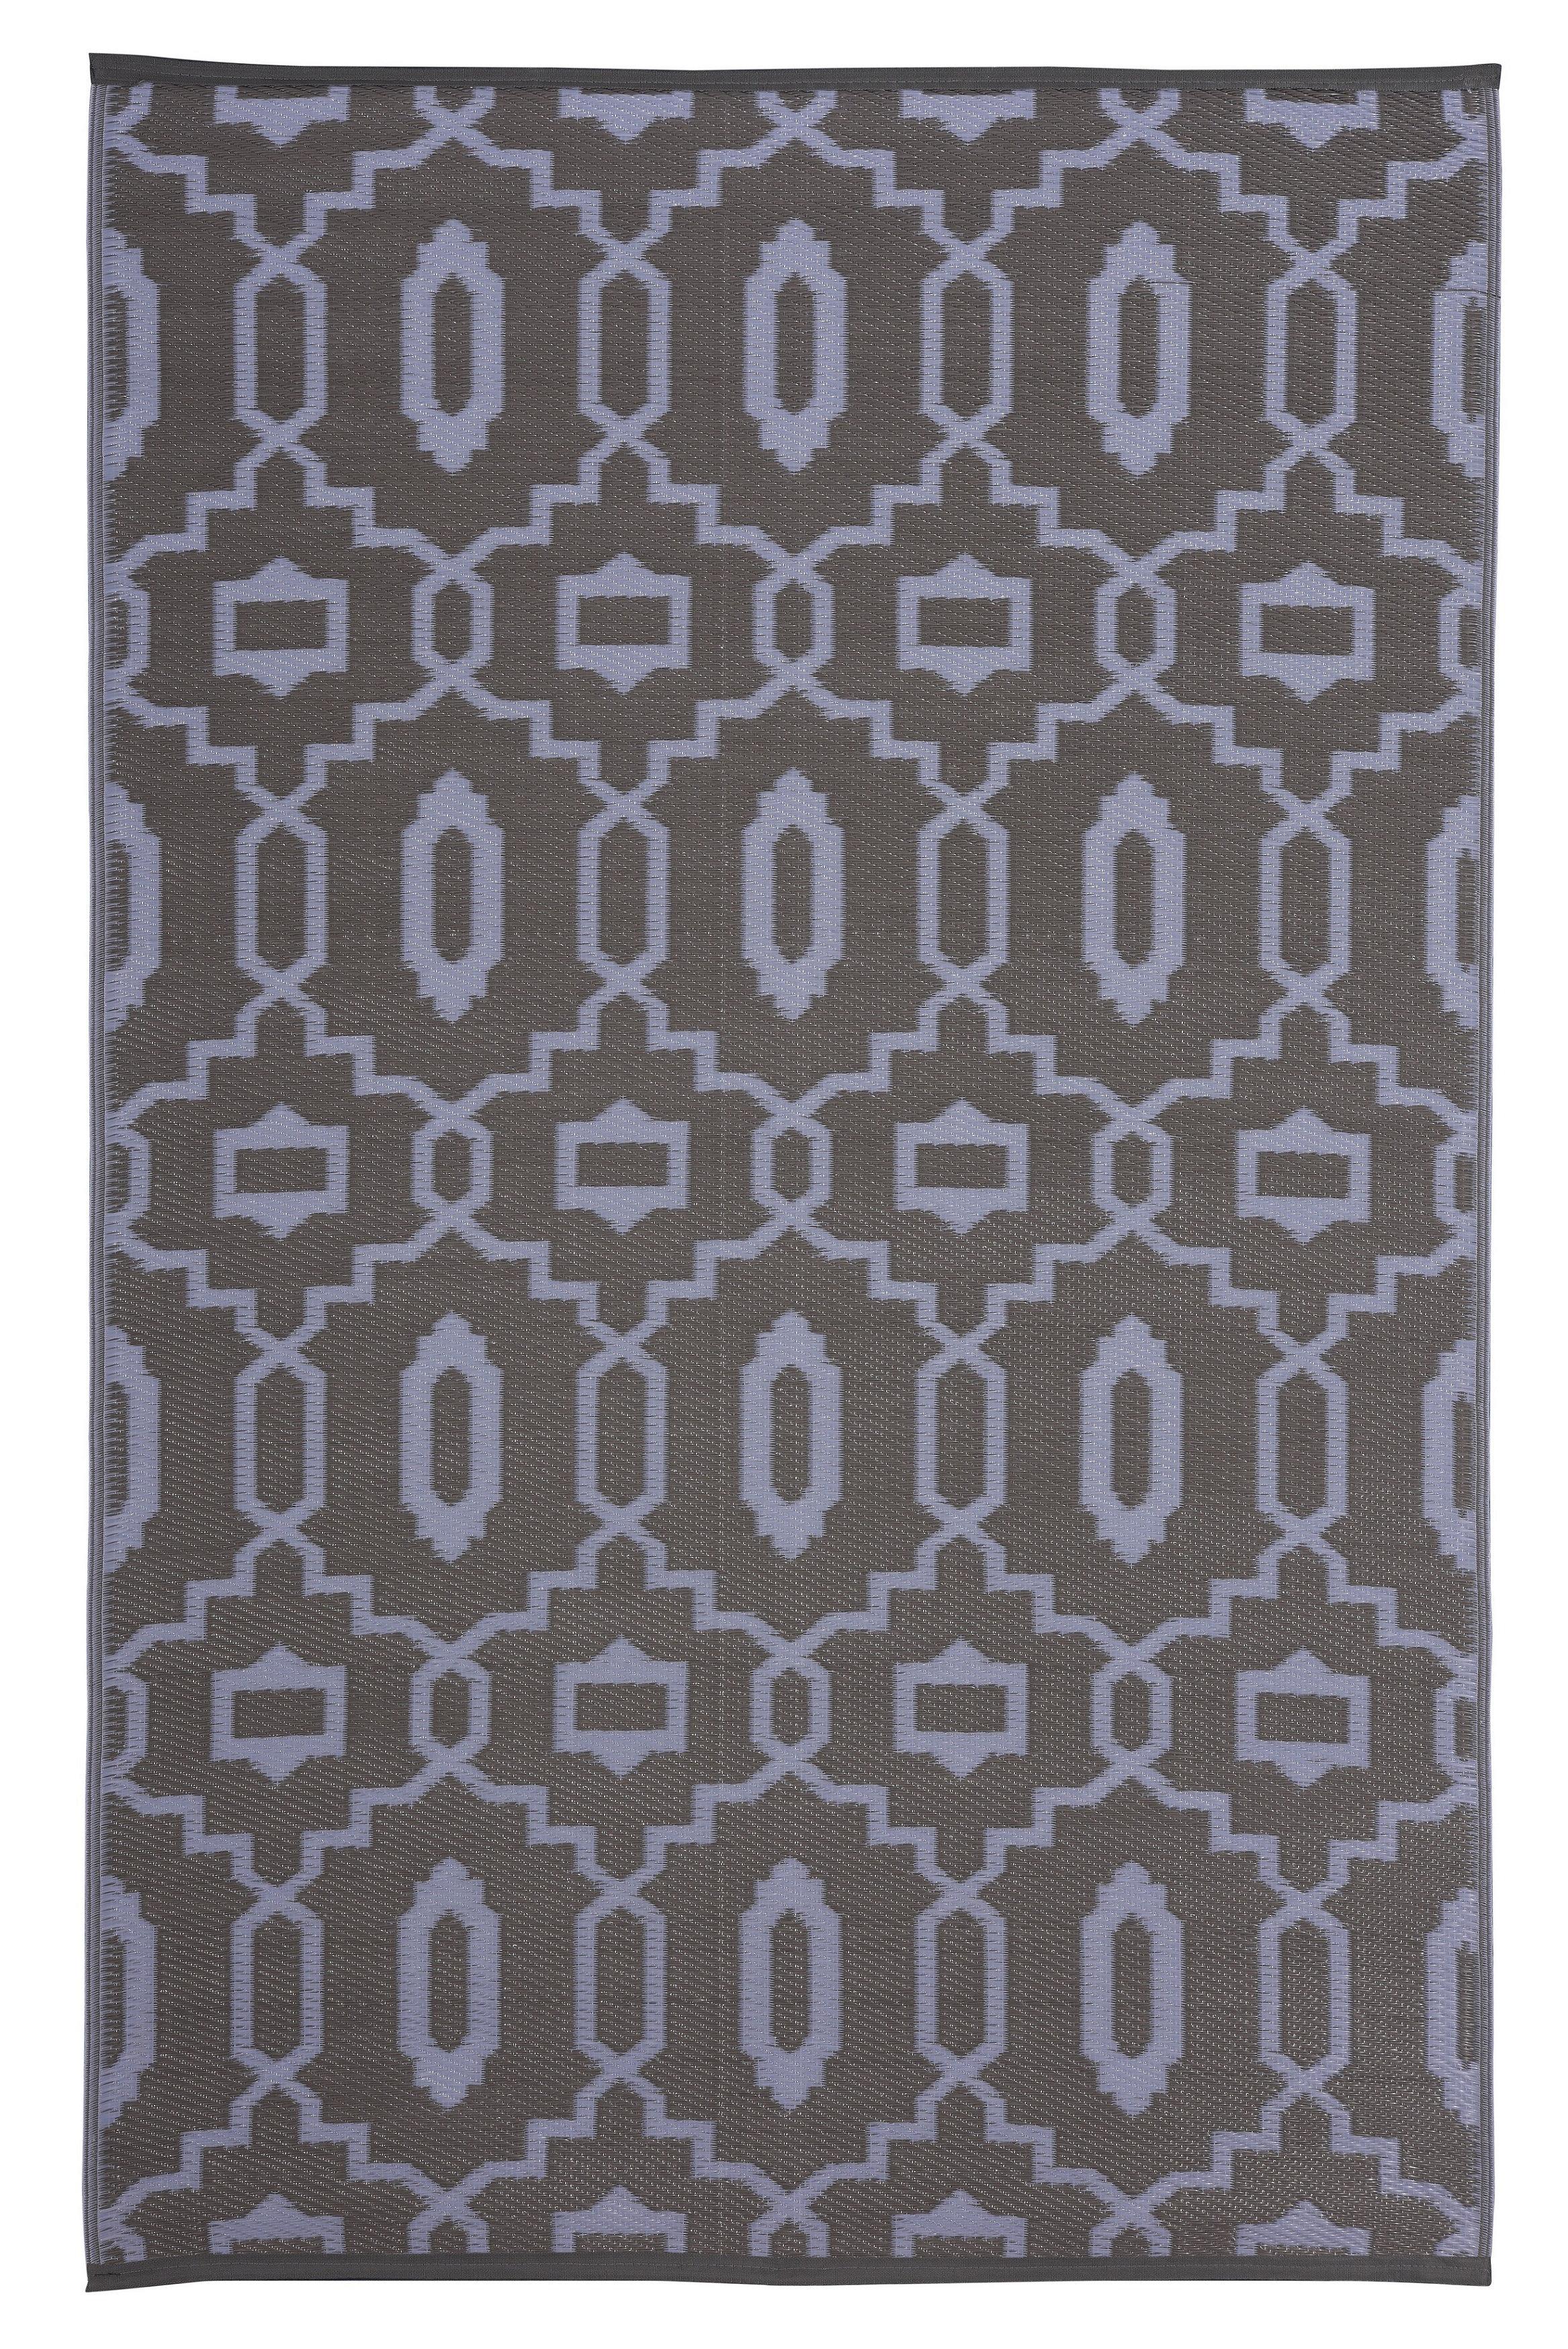 Walden gray indoor outdoor area rug